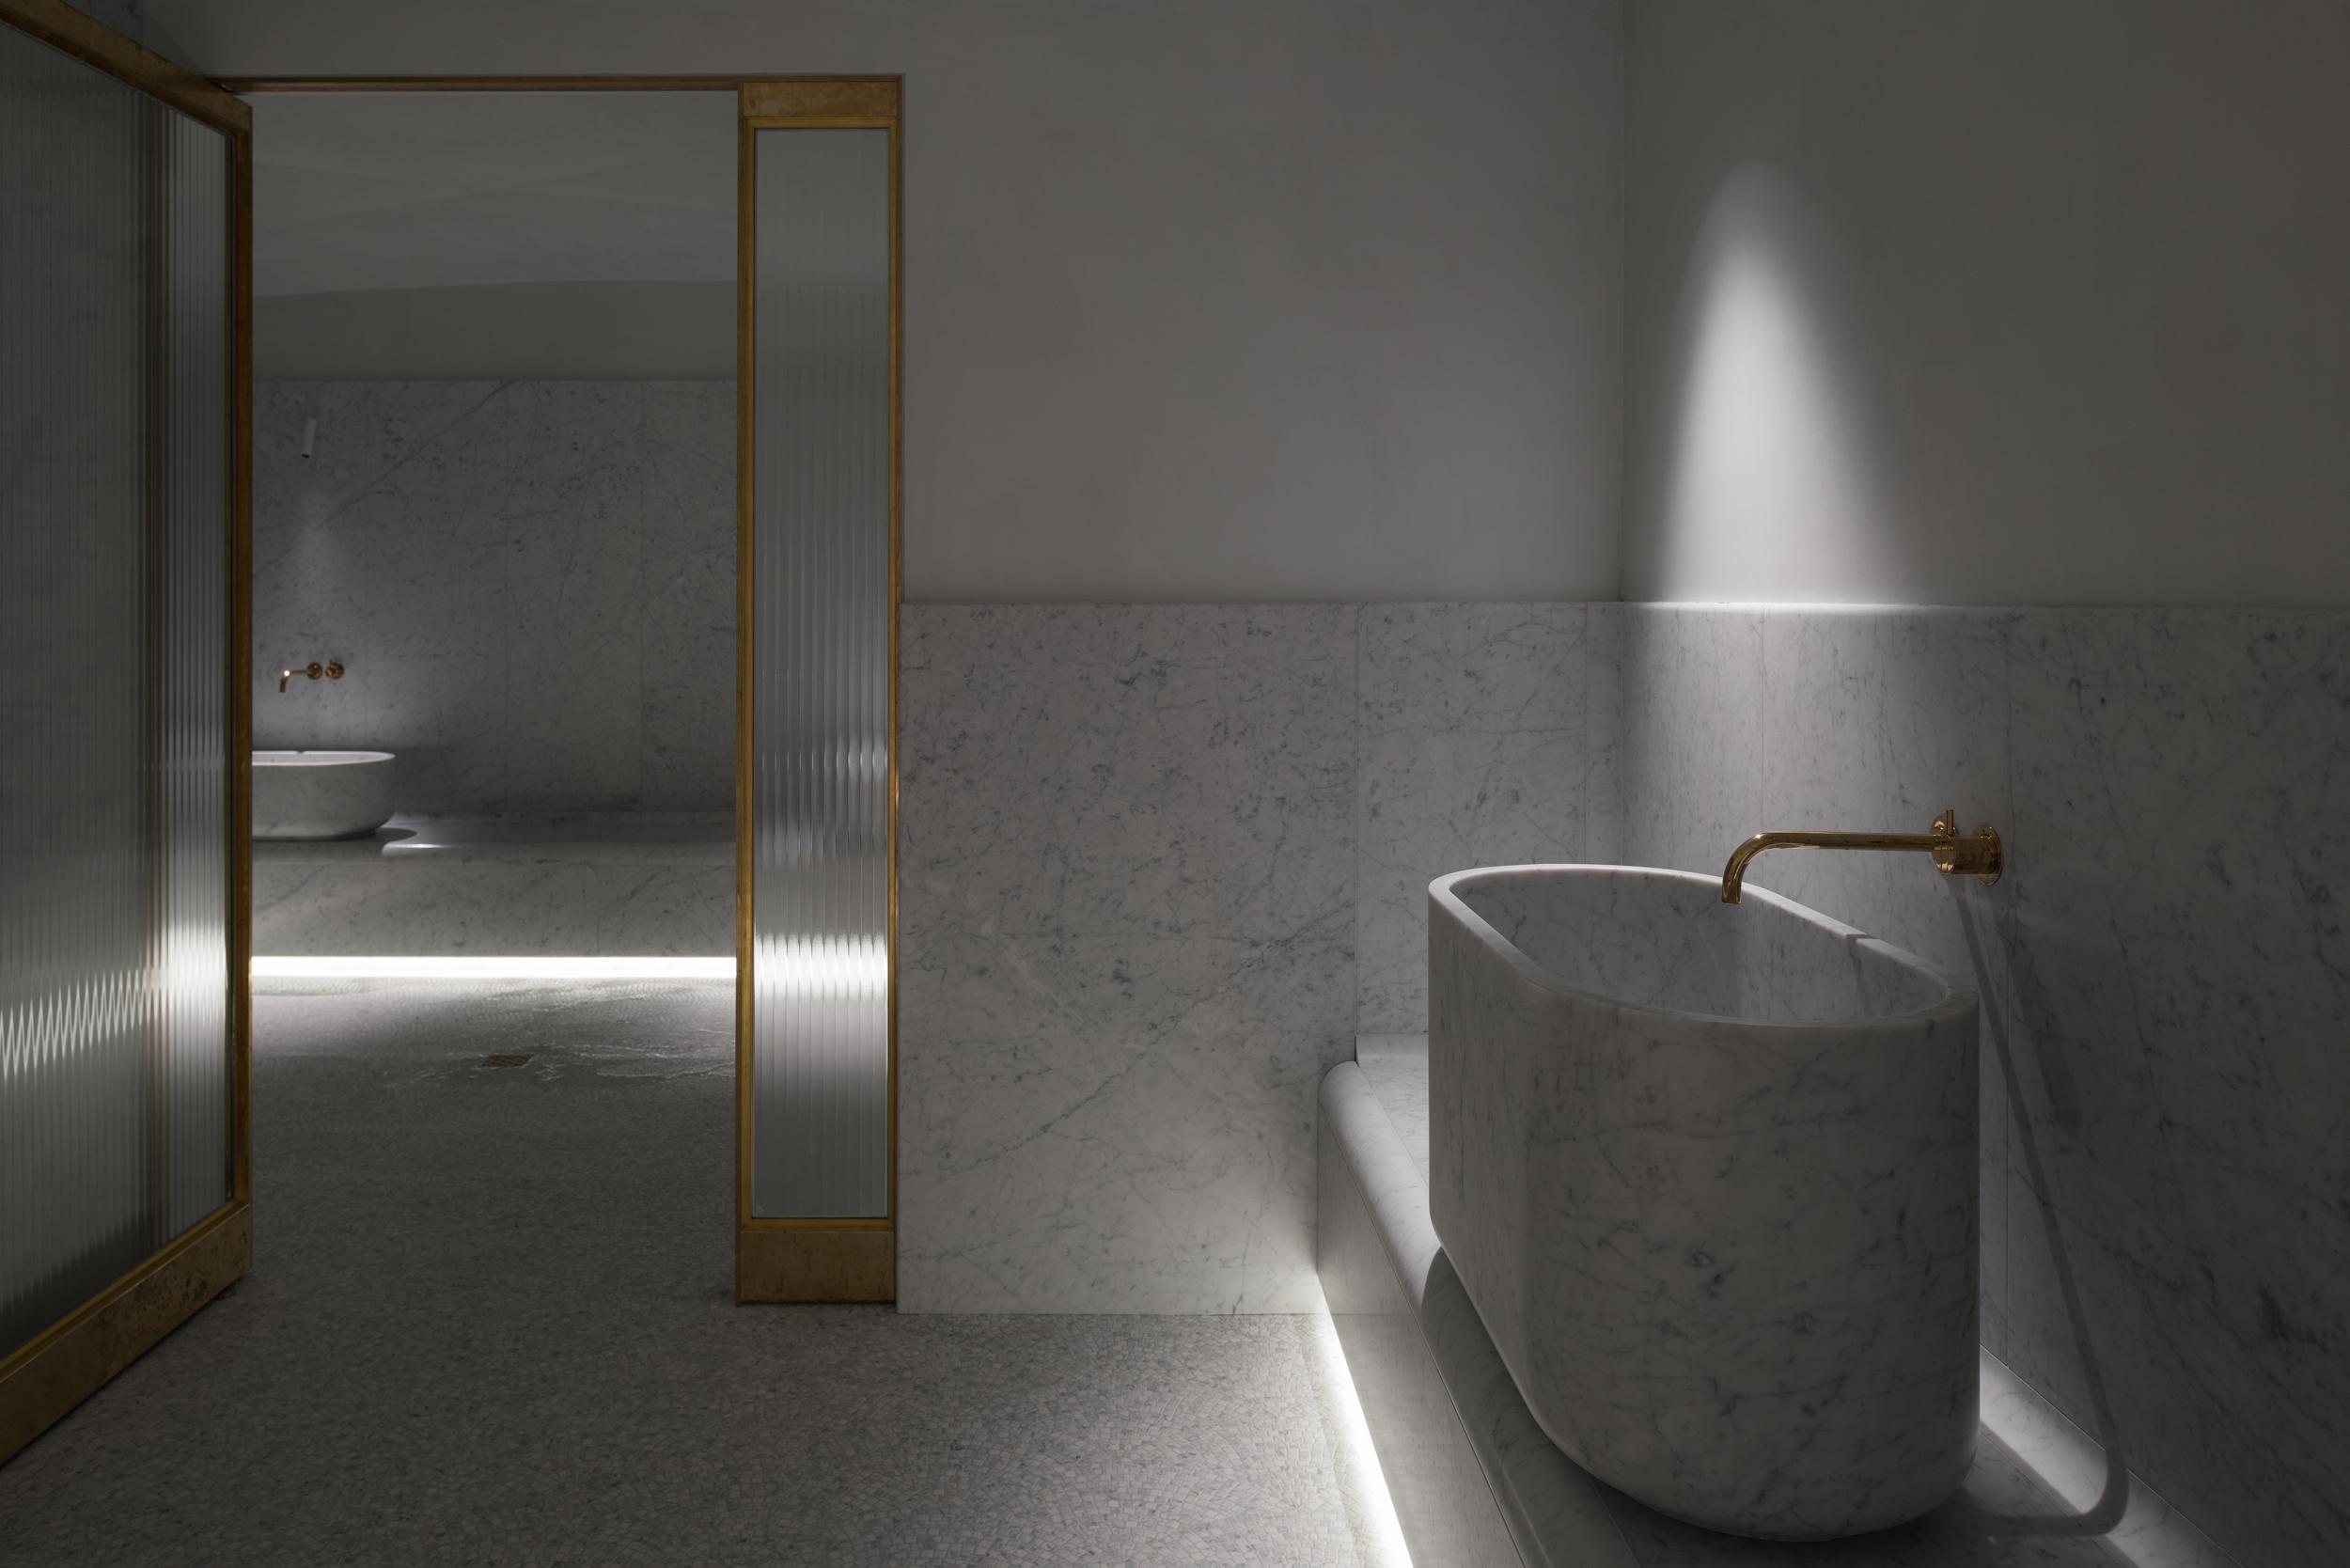 Arnold / Werner setzen auf die verbindende Materialität von Carrara-Marmor. Einen Kontrast zum weißen Natursteinerzeugenmessinggerahmte Glastüren sowie die ebenfalls aus Messing gearbeitete Armatur121X von Vola.